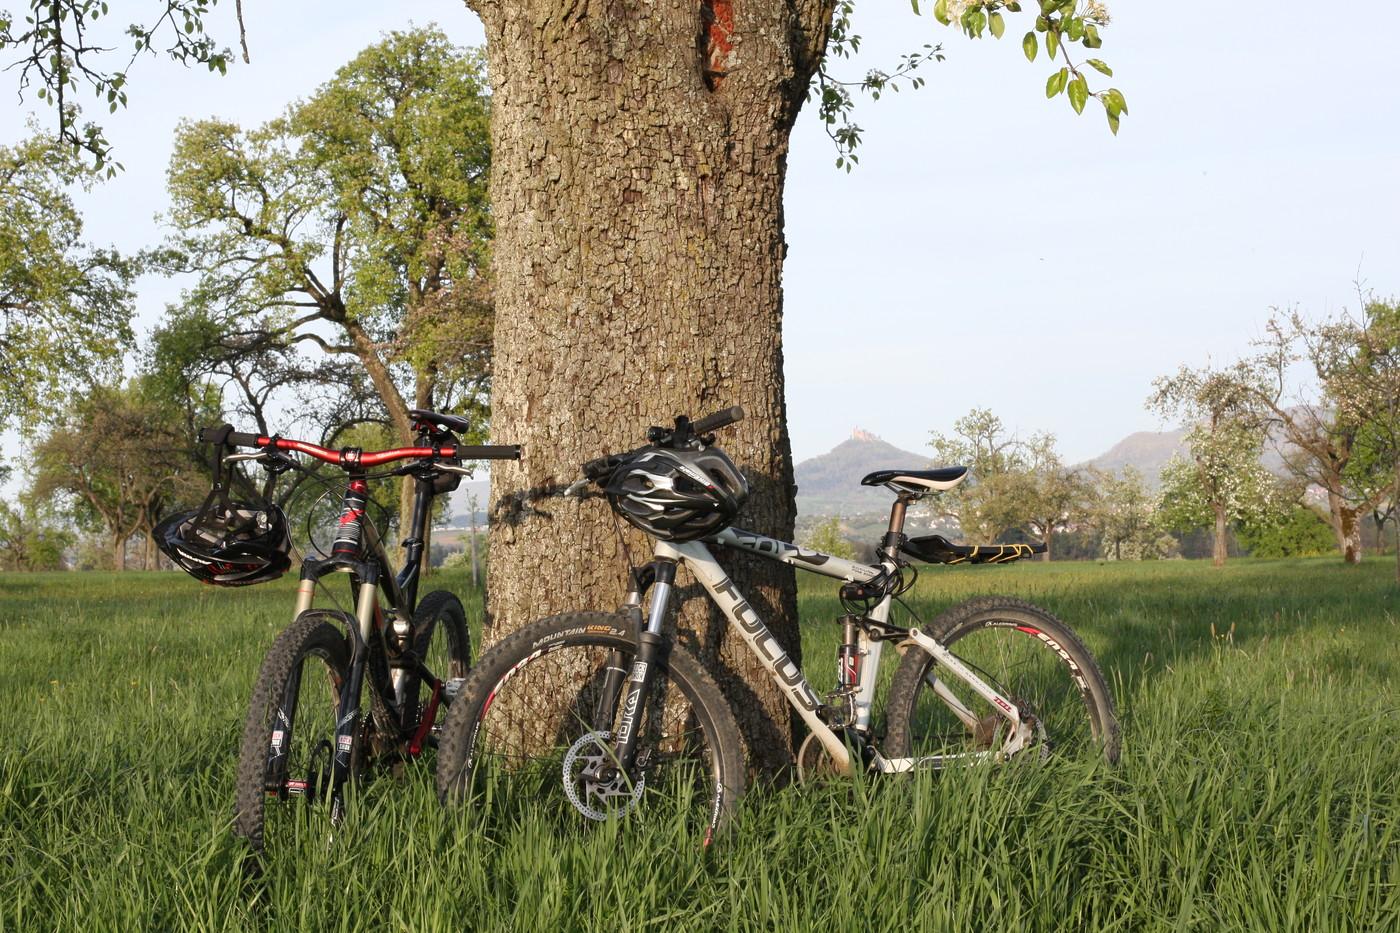 Räder lehnen am Baum